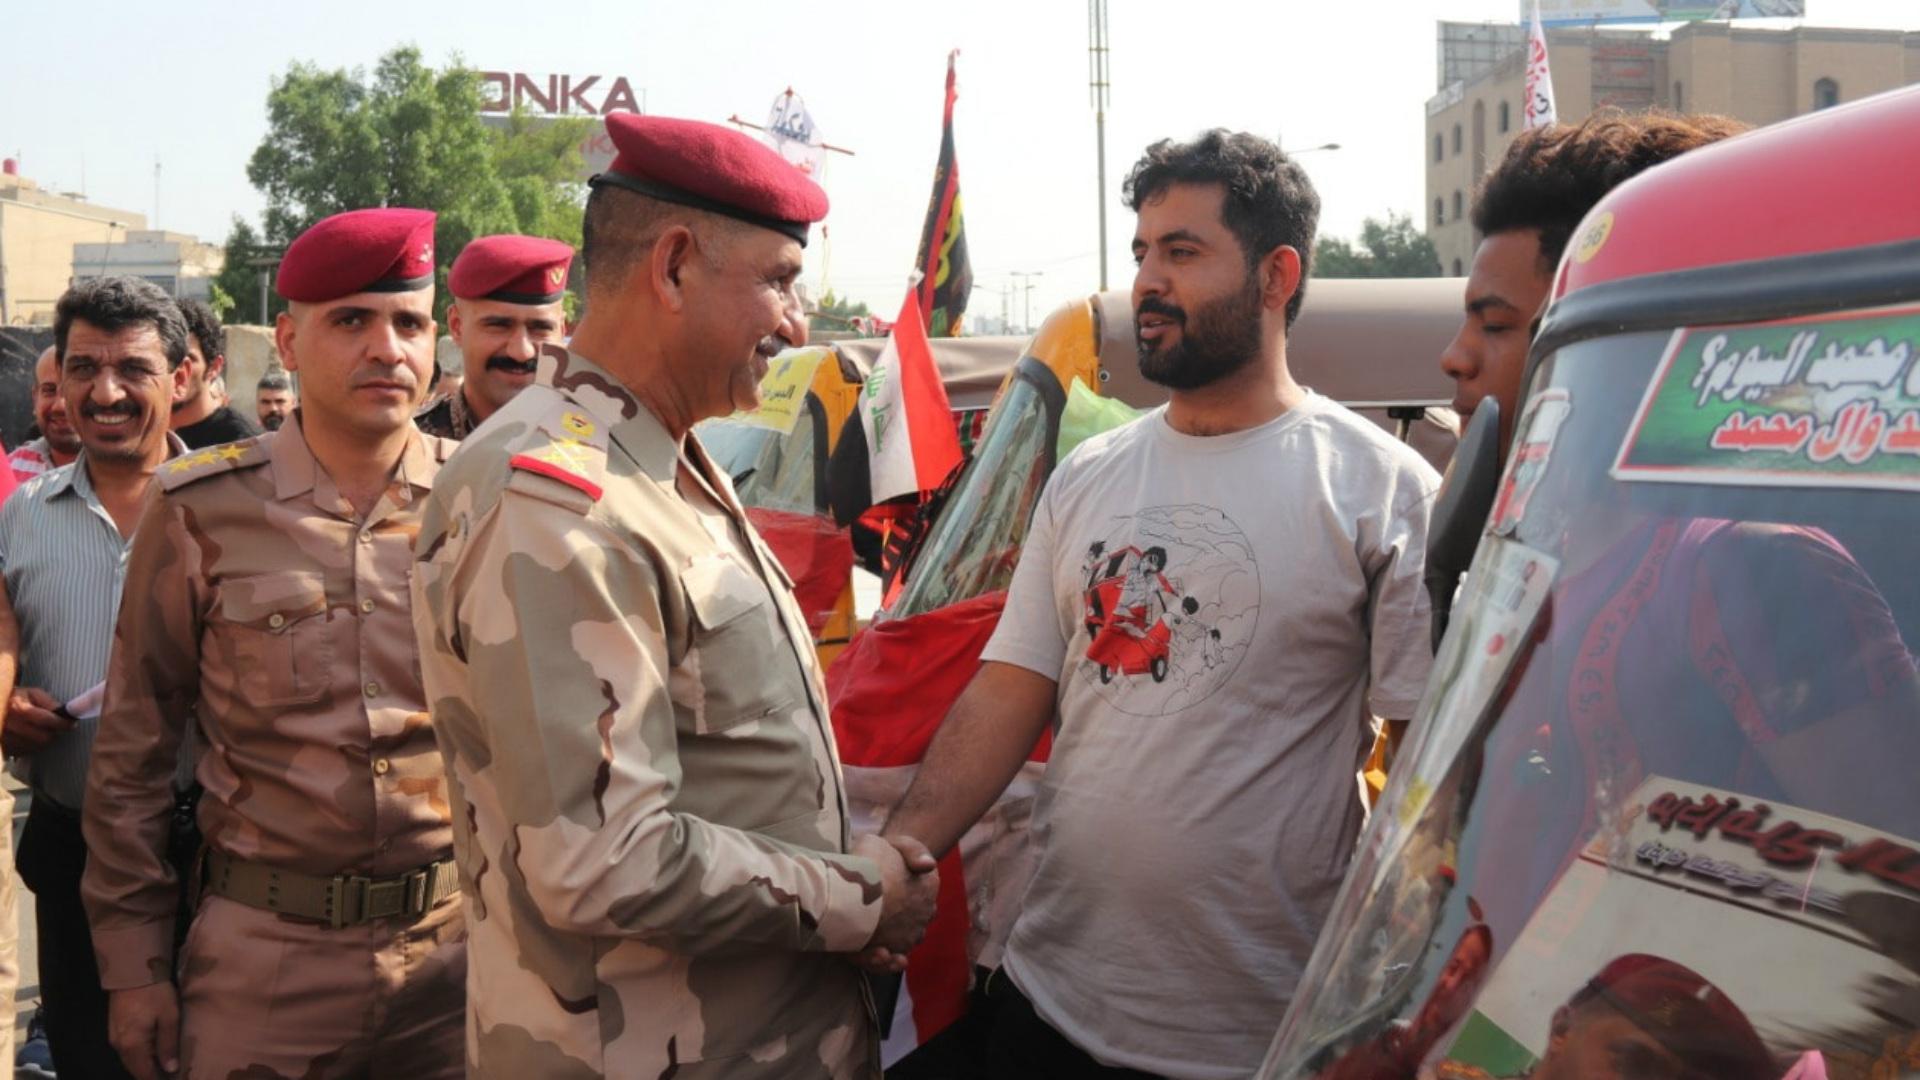 قائد عمليات بغداد يتكفل بحماية المتظاهرين مع مقتل المزيد منهم